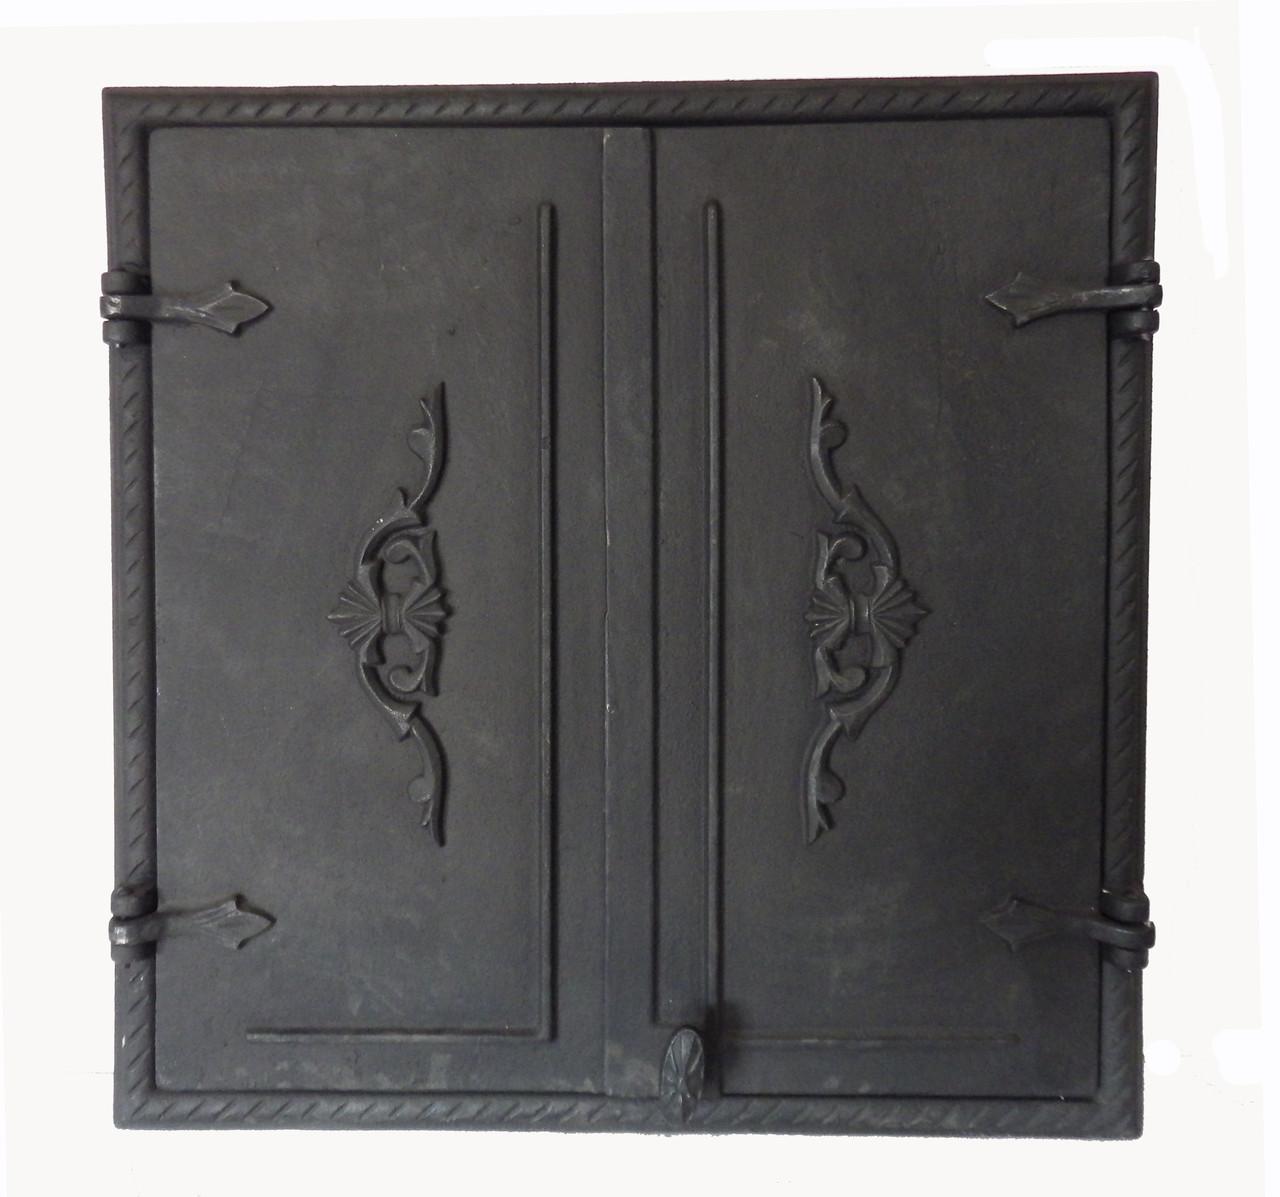 Чугунные дверцы без стекла две створки для печи - Dunántúl 61х66.5см-55х60см